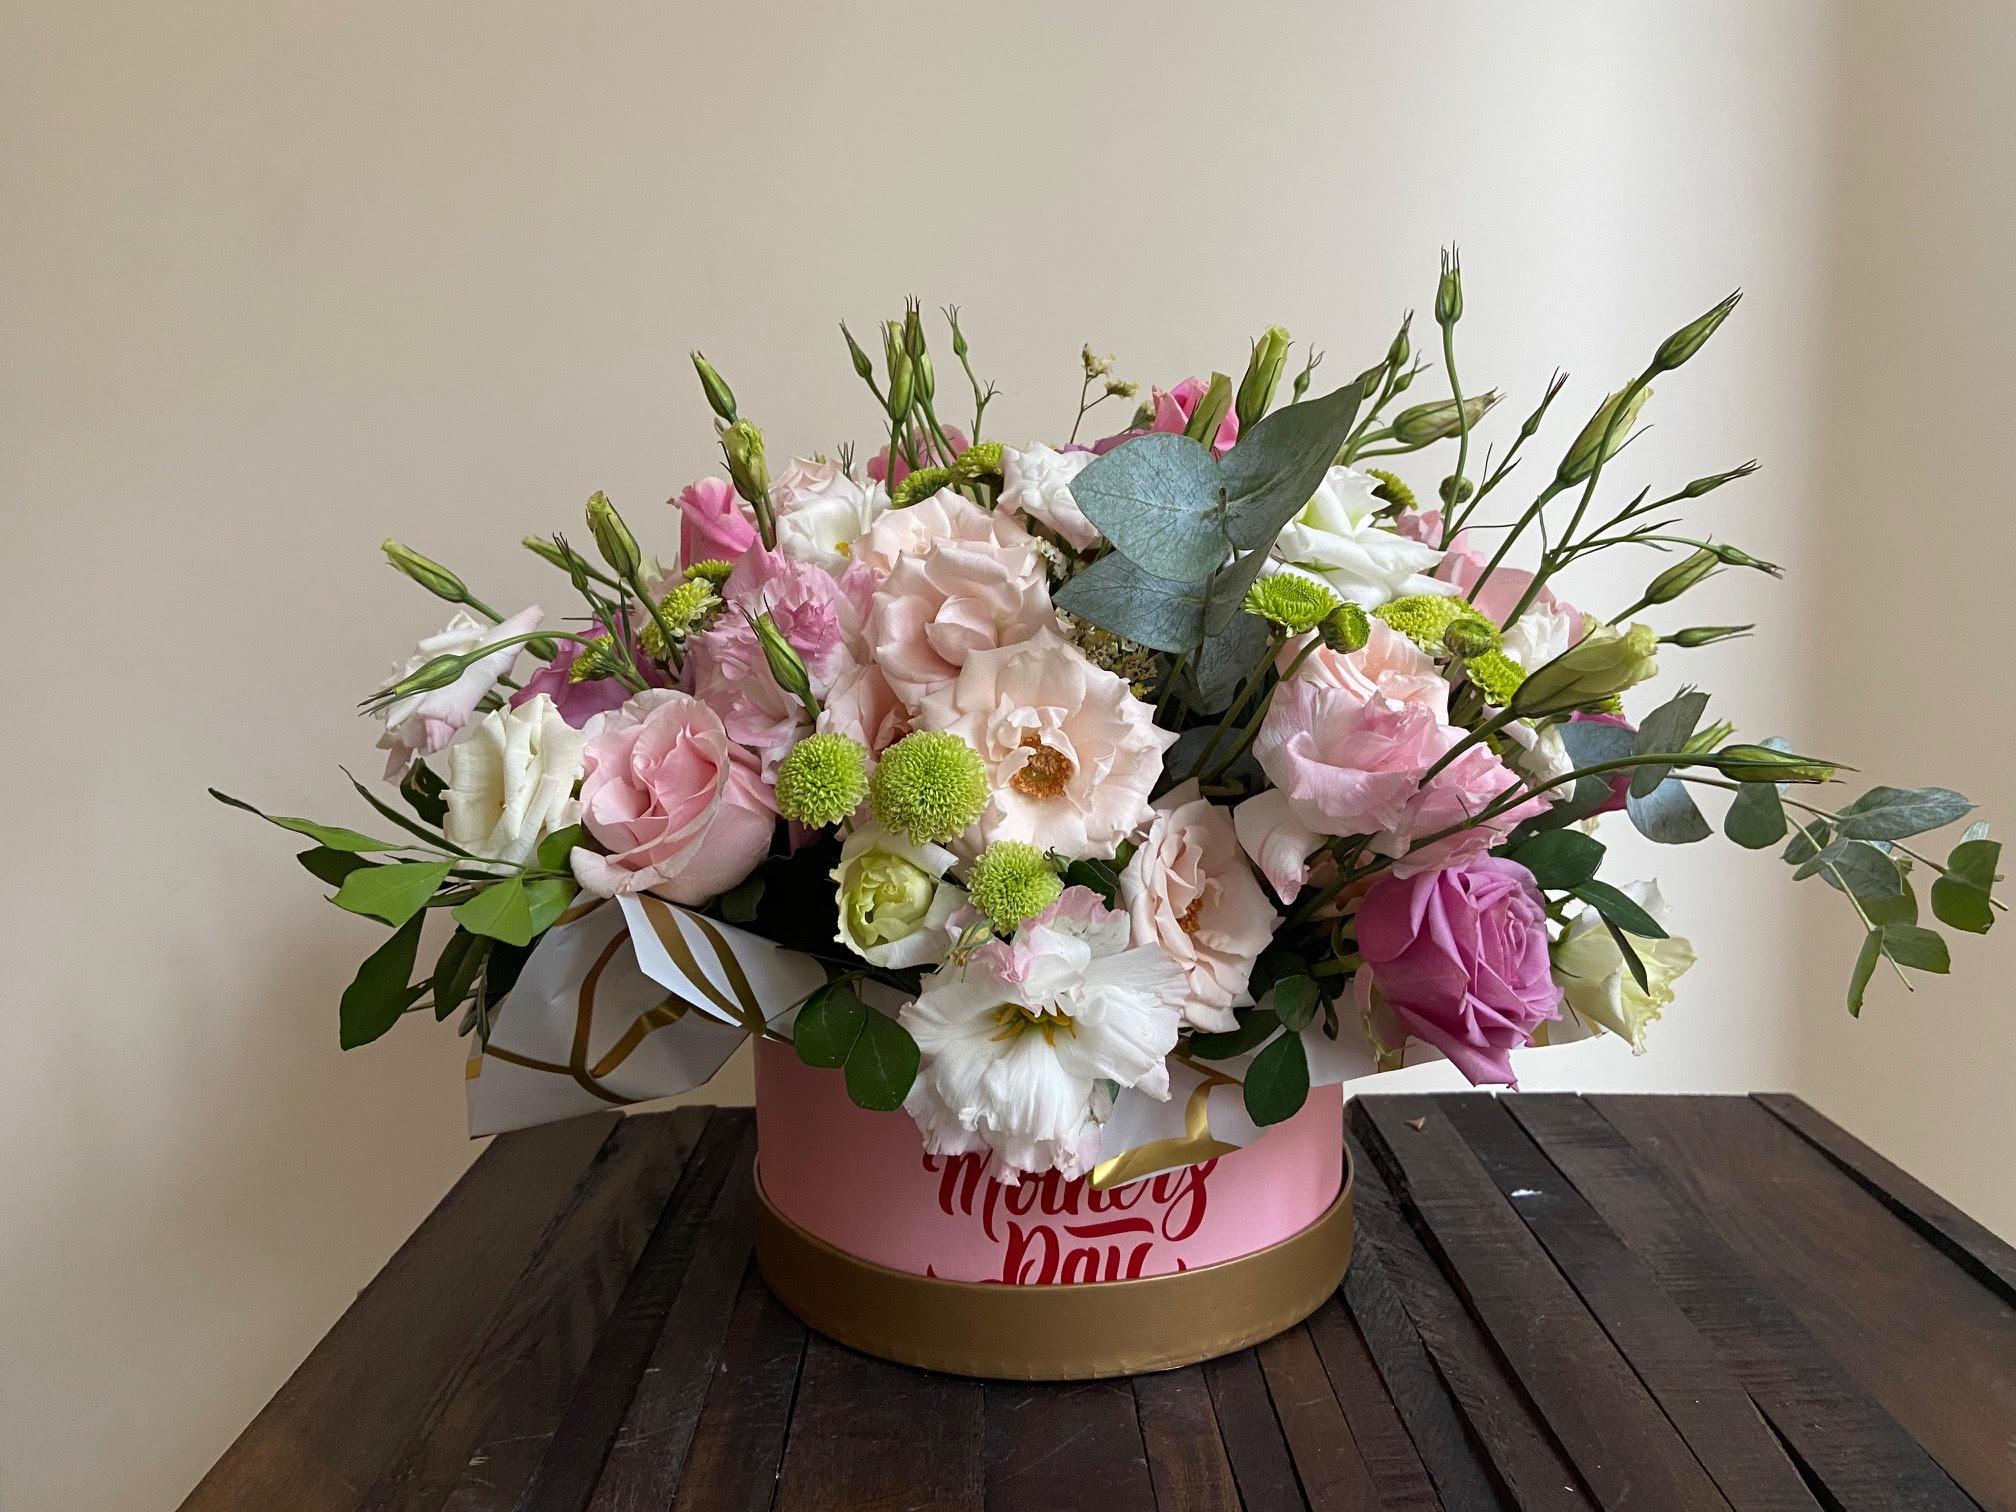 022 Caja de flores variadas Image